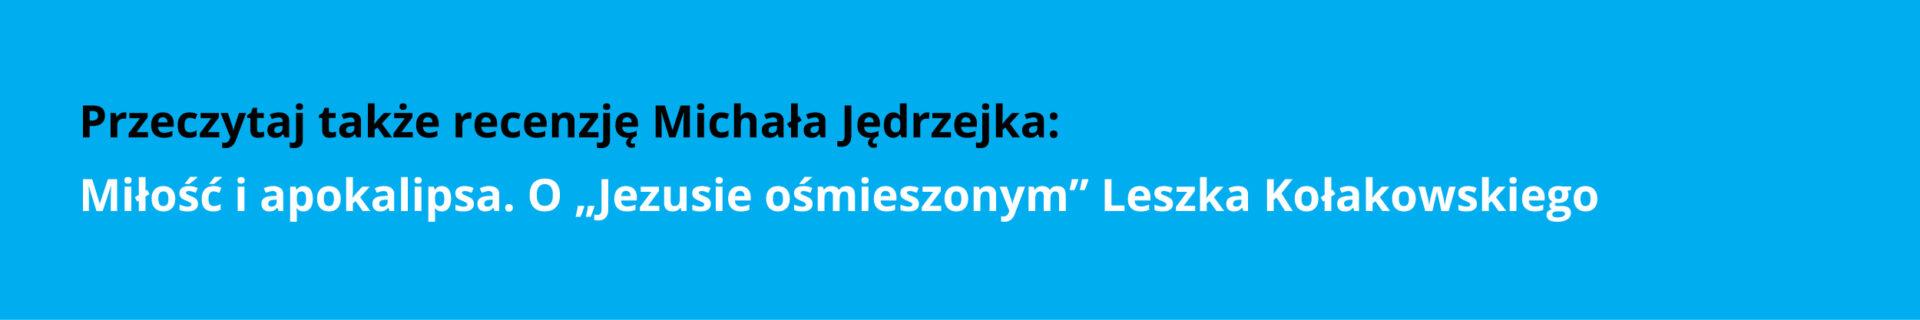 Jedrzejek